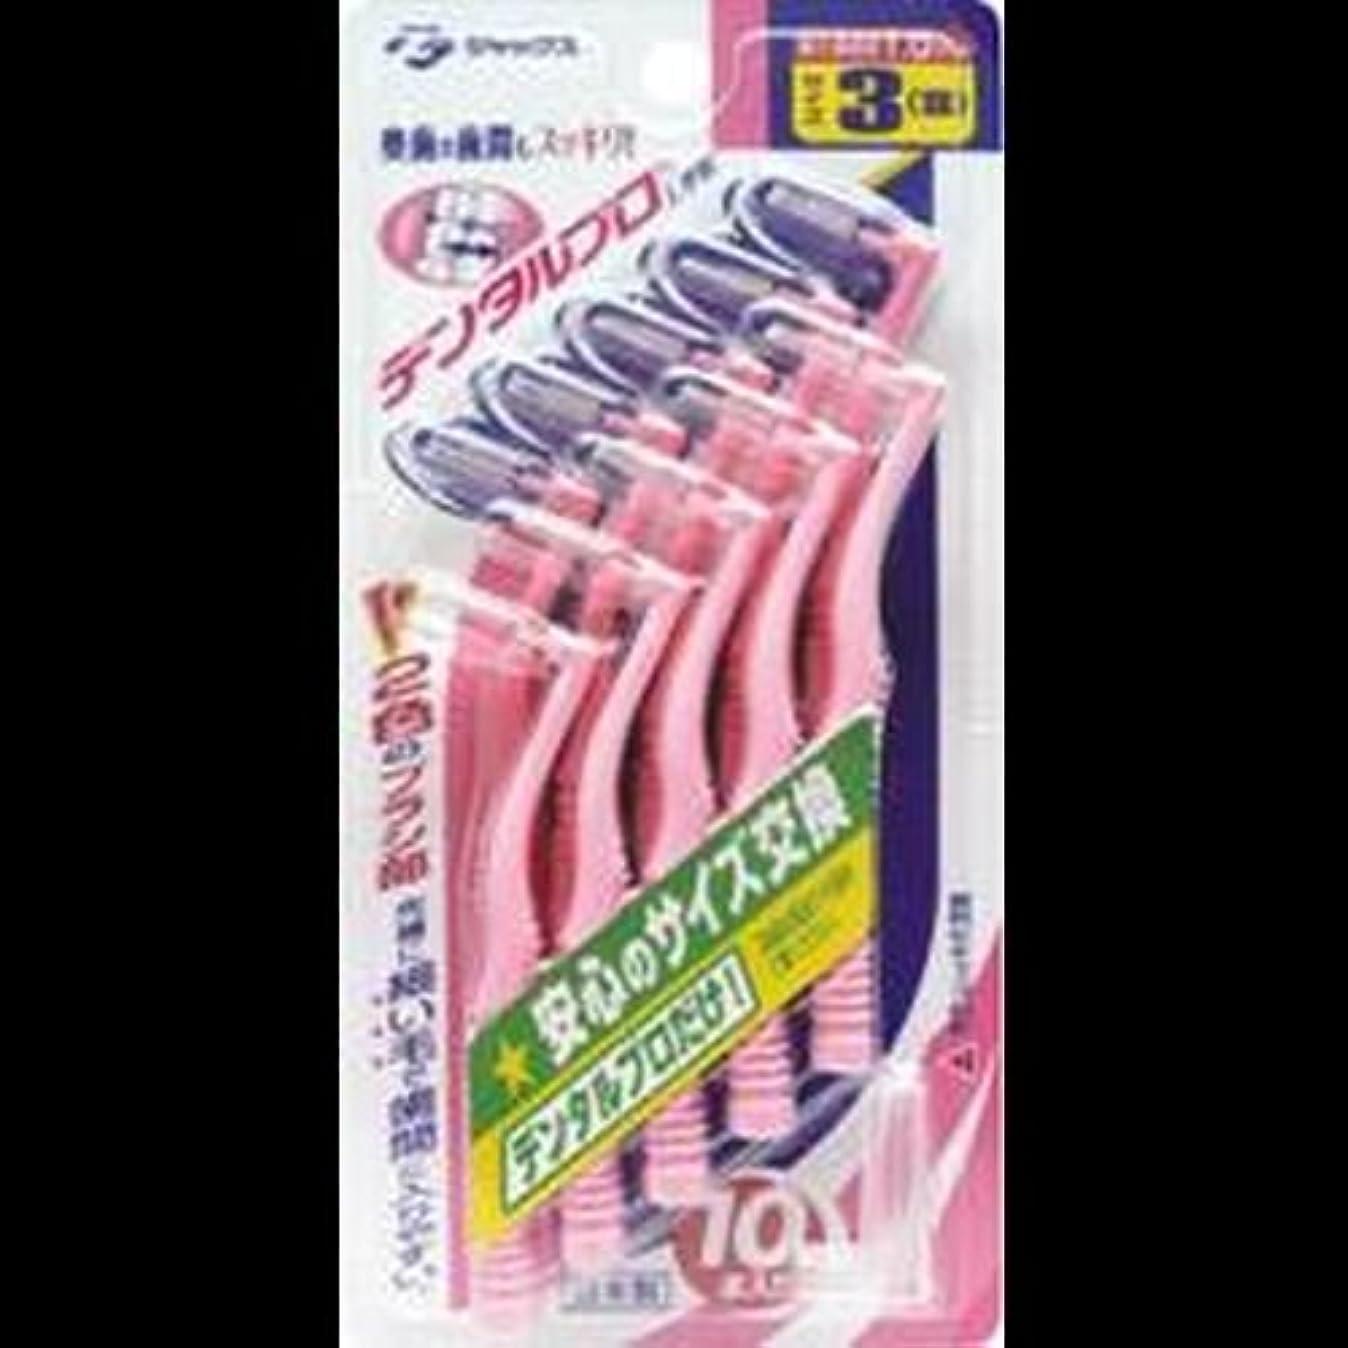 デンタルプロ L字型歯間ブラシ サイズ3(S) ×2セット